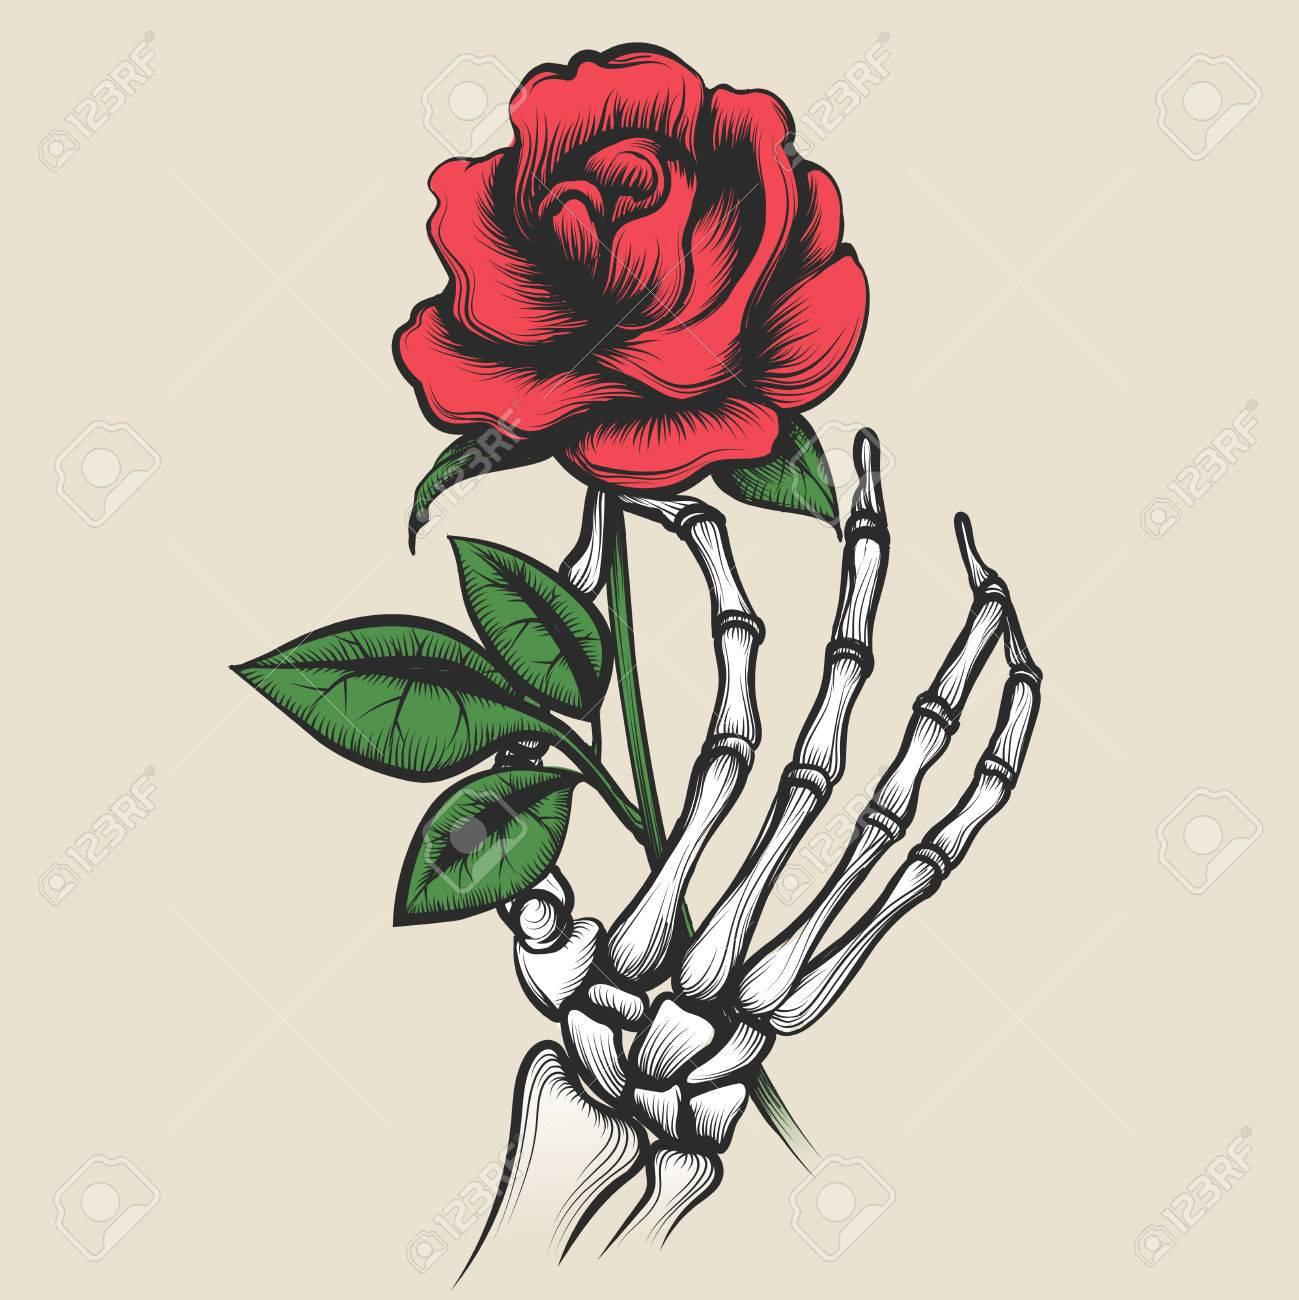 Esqueleto Mano Con Rosa En Estilo Tatuaje. Red Rosebud En Hueso ...